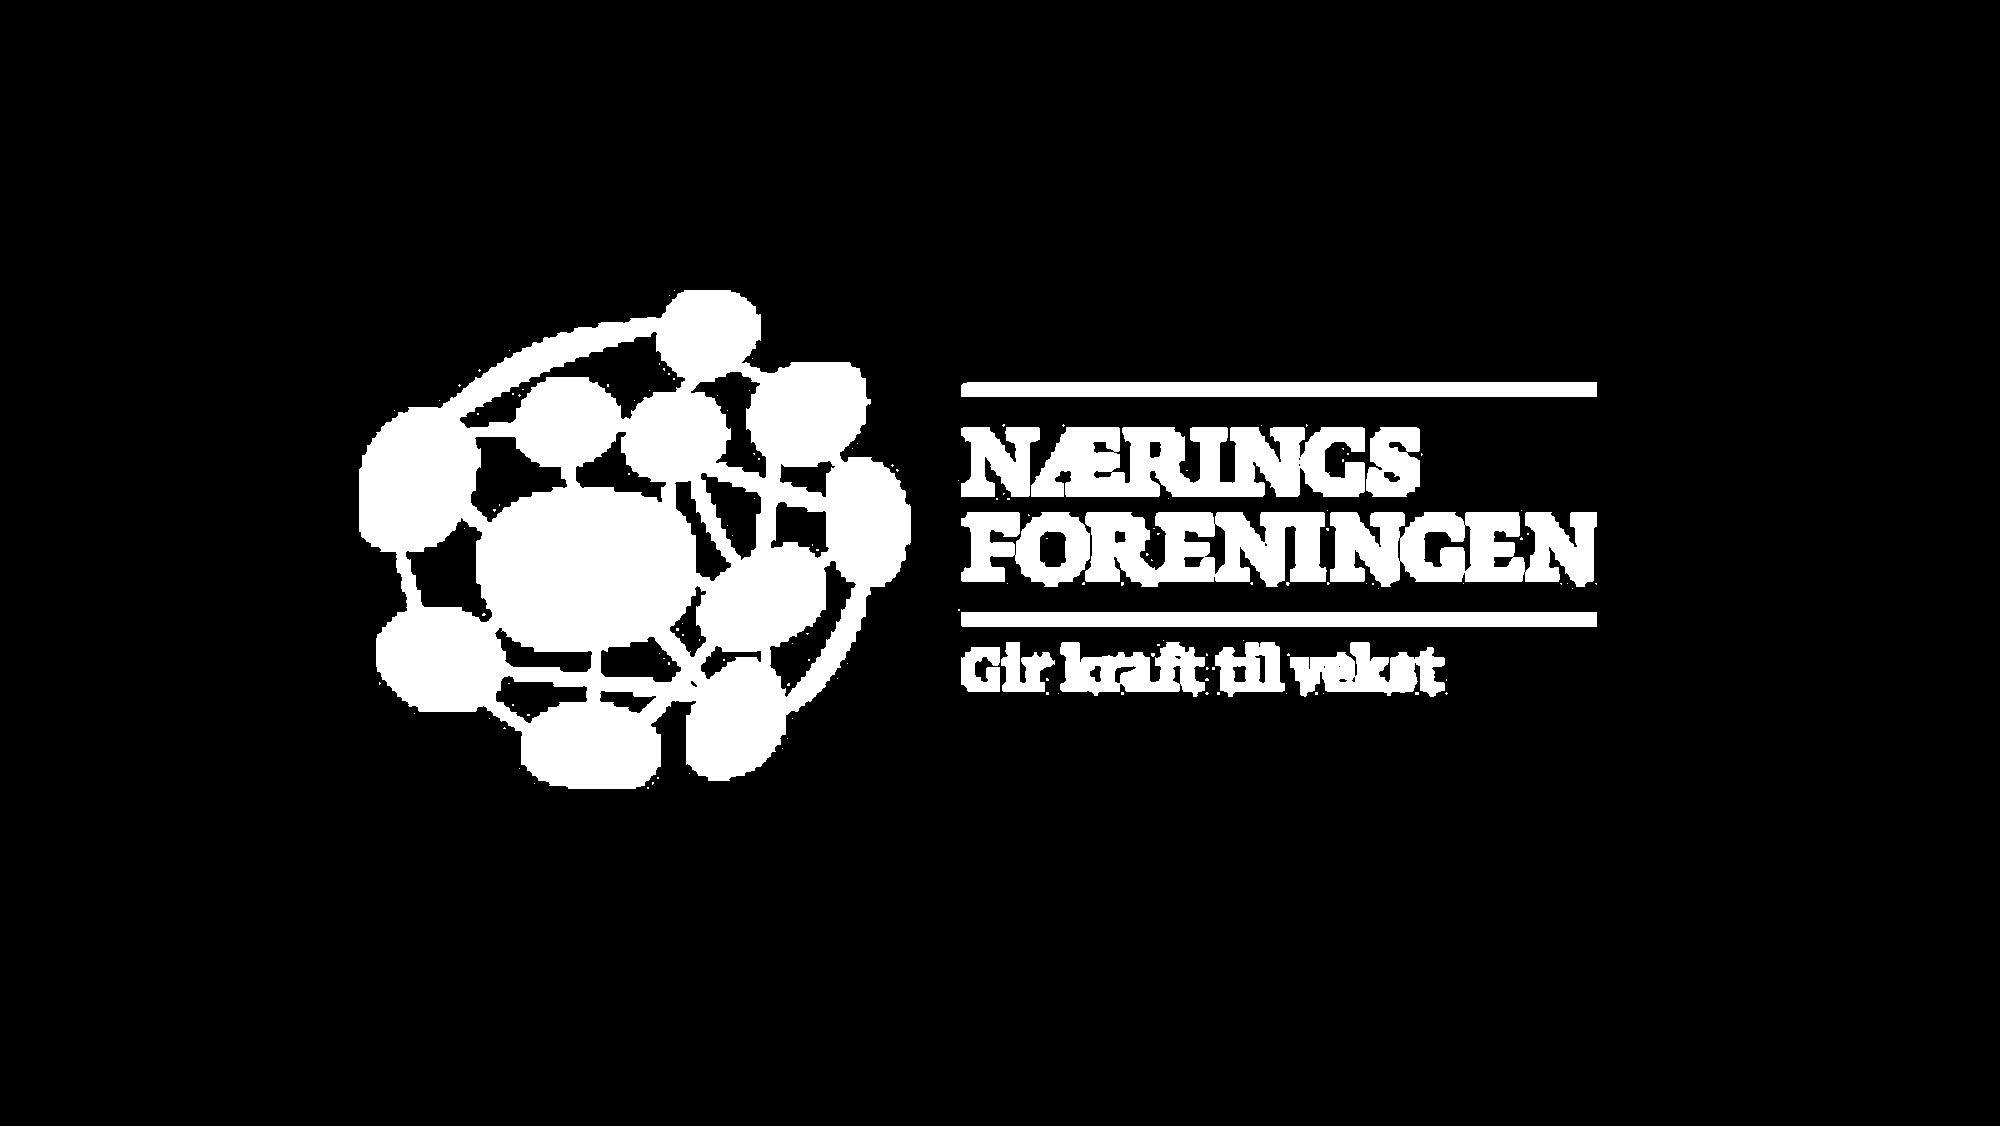 næringsforeningen2.png